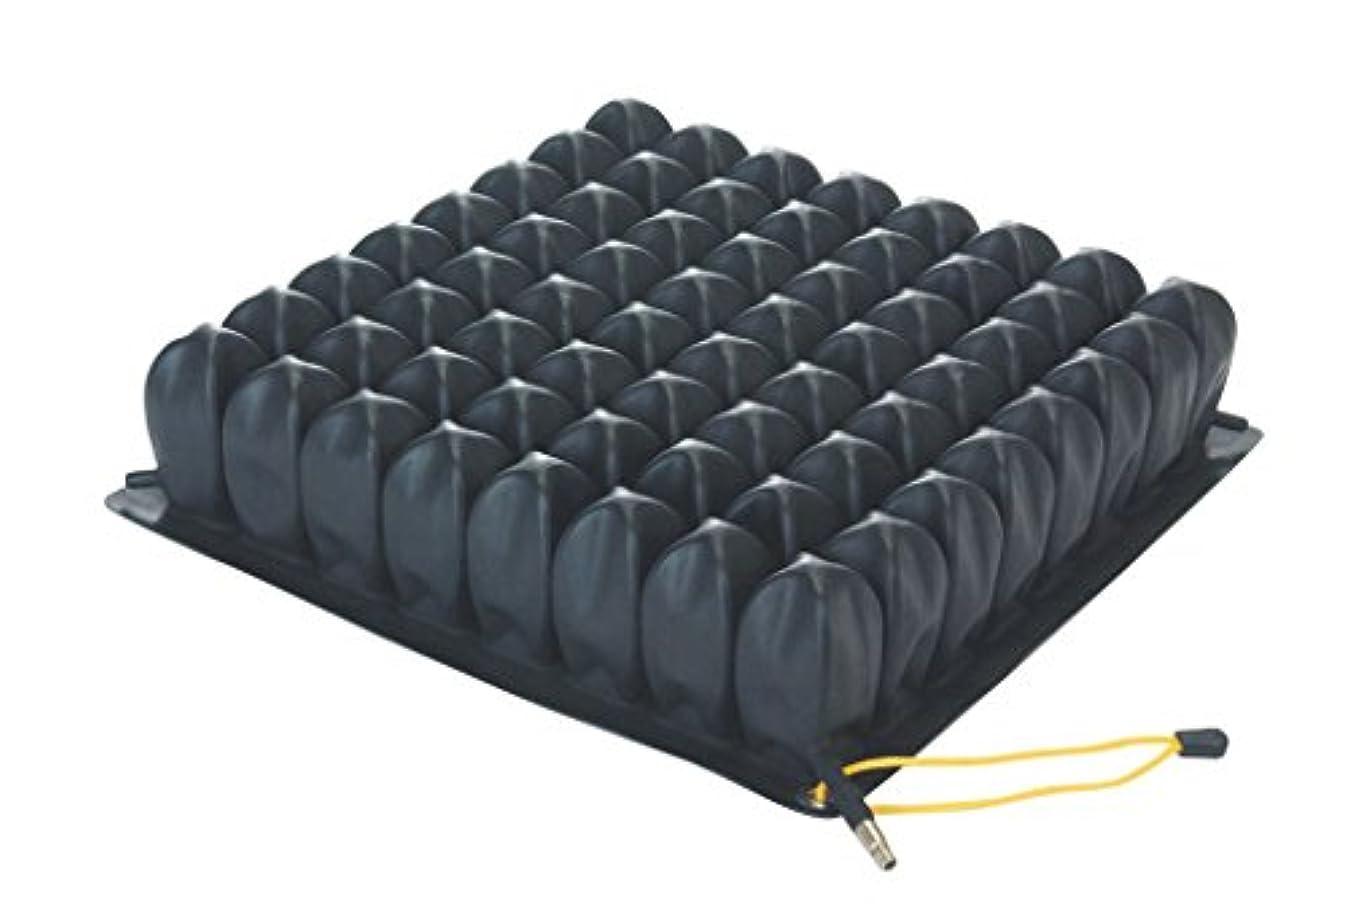 エレクトロニックラビリンススポーツ車いす床ずれ予防クッション ロホ ミドルタイプ 43×43cm(9×9)